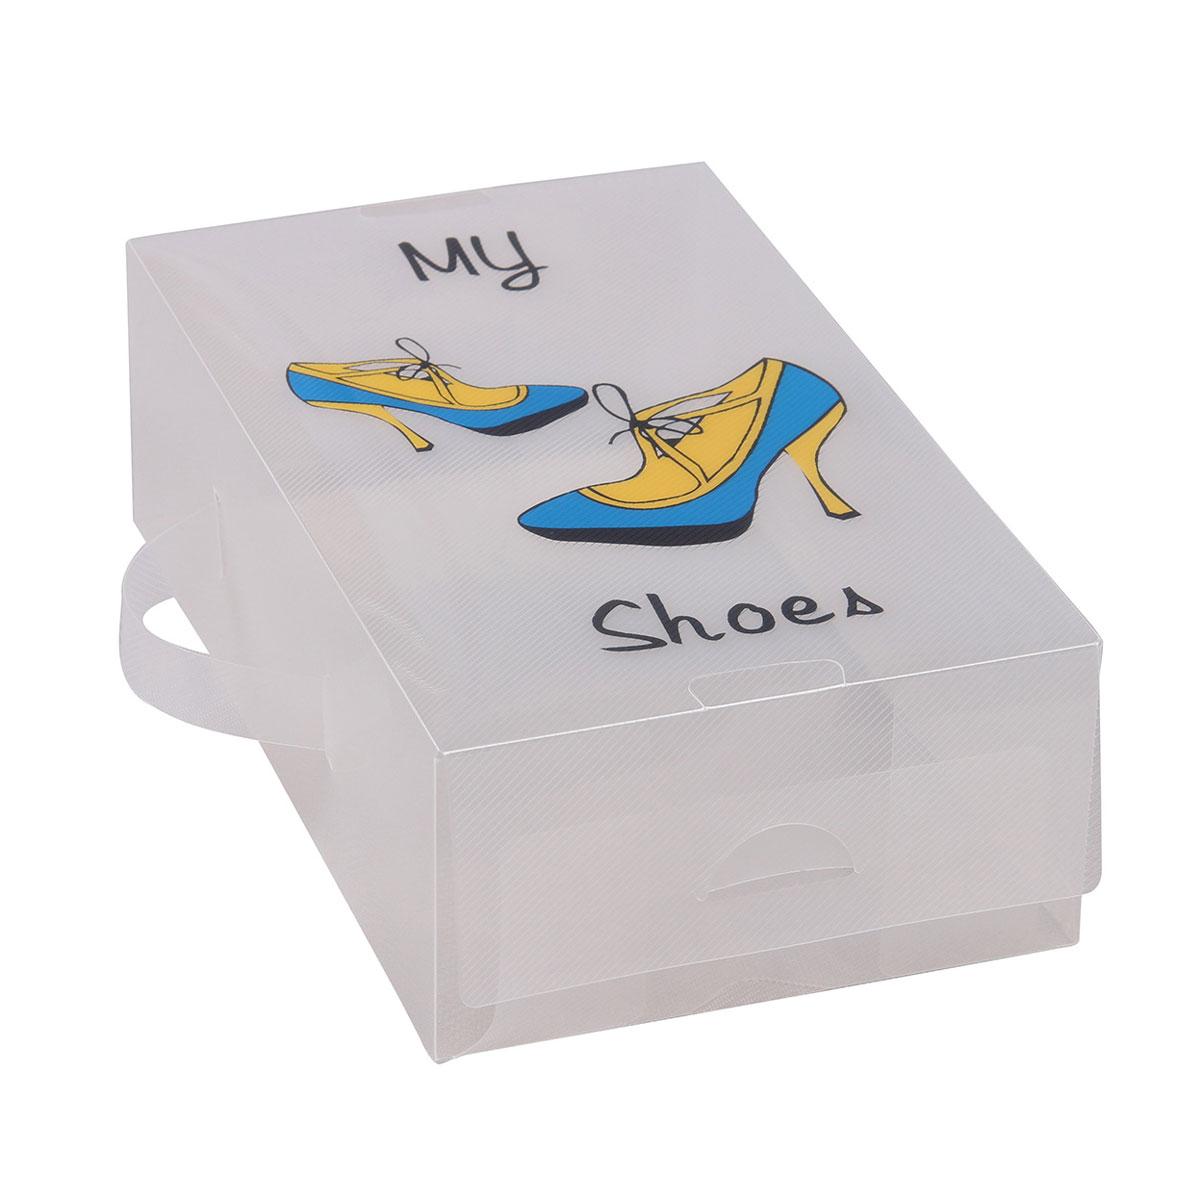 Короб для xранения обуви Miolla, 30 x 18 x 10 см. PLS-10PLS-10Удобный пластиковый короб для хранения обуви Miolla станет идеальным решением для организации пространства вашего гардероба. Можно больше не переживать за сохранность дорогих туфель или изысканных босоножек, короб Miolla позволит отделить одну пару от другой и в отличие от картонных аналогов не потеряет форму, угрожая испортить любимую обувь. Размер короба: 30 х 18 х 10 см.